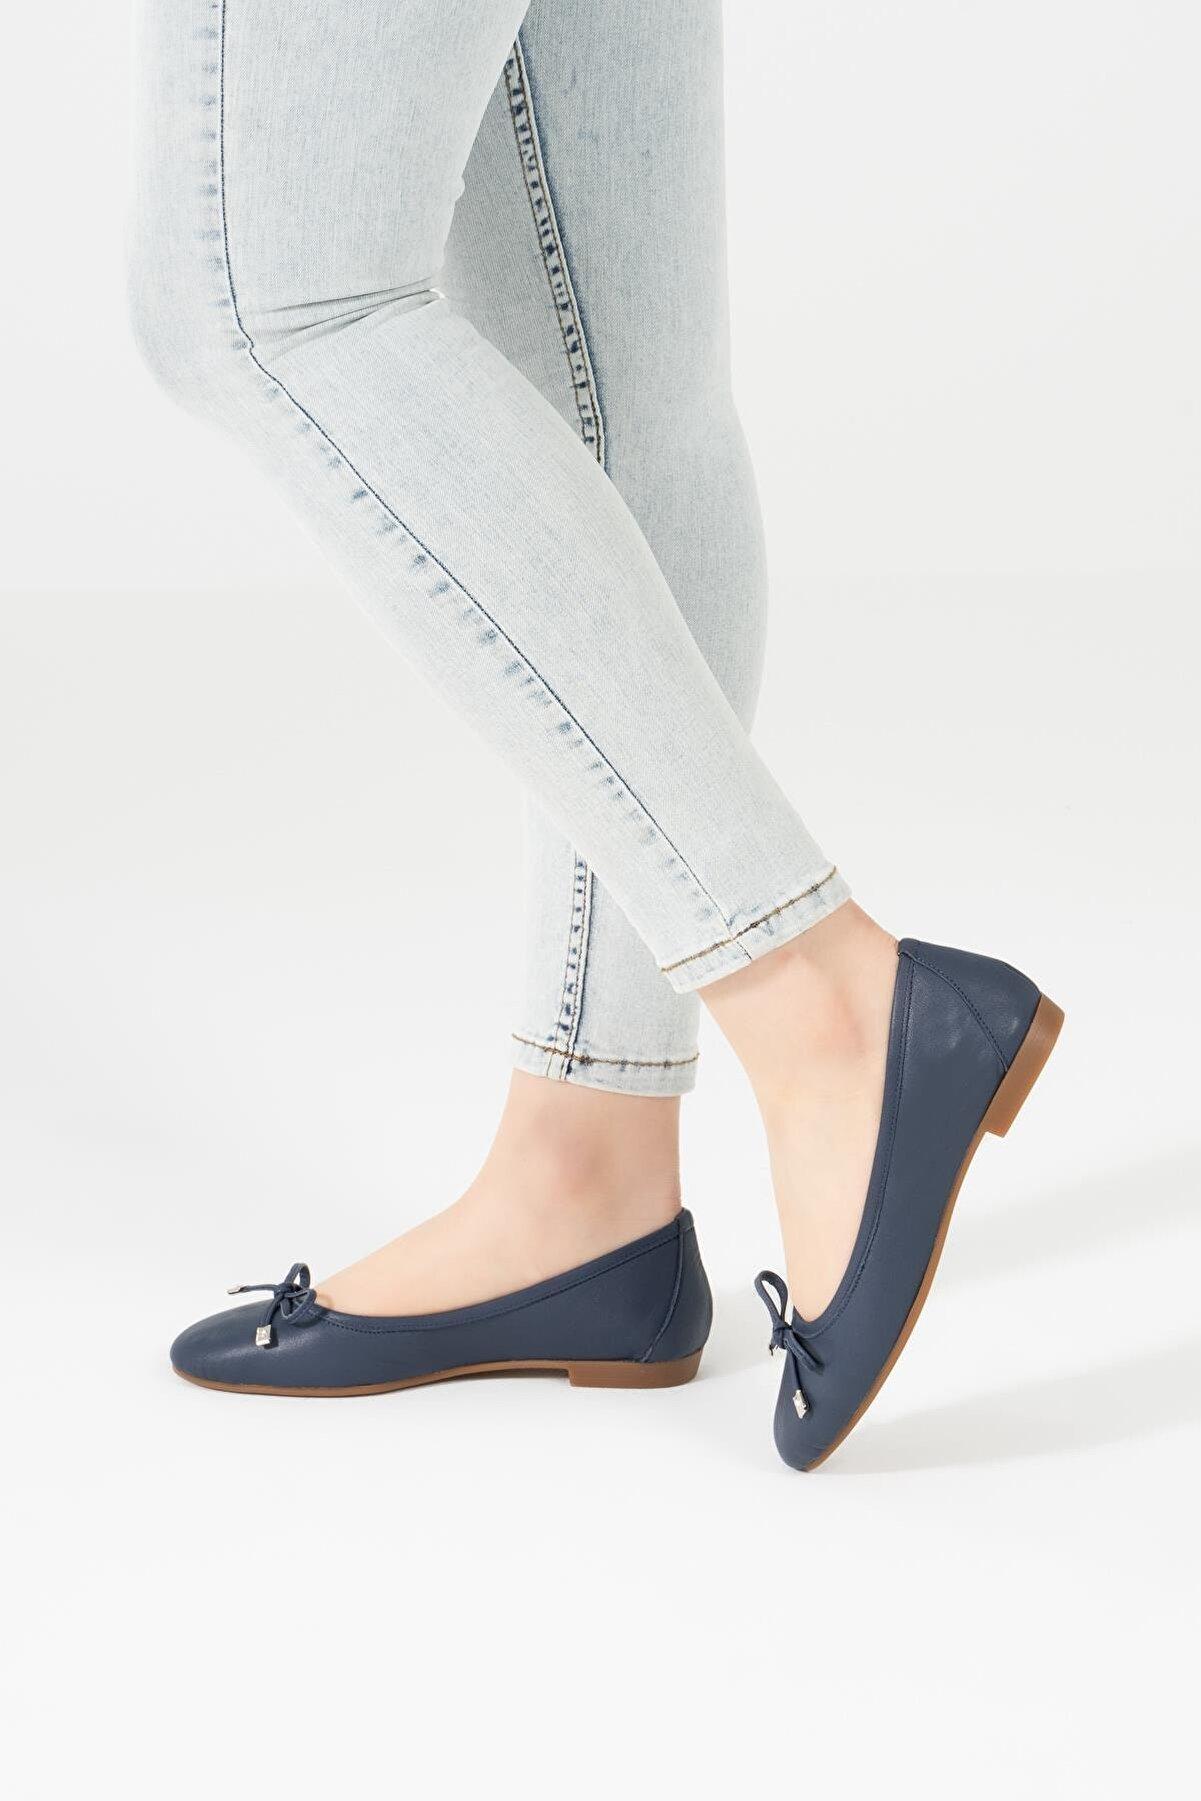 CZ London Deri Kadın Babet Kurdeleli Rahat Taban Yumuşak Ayakkabı